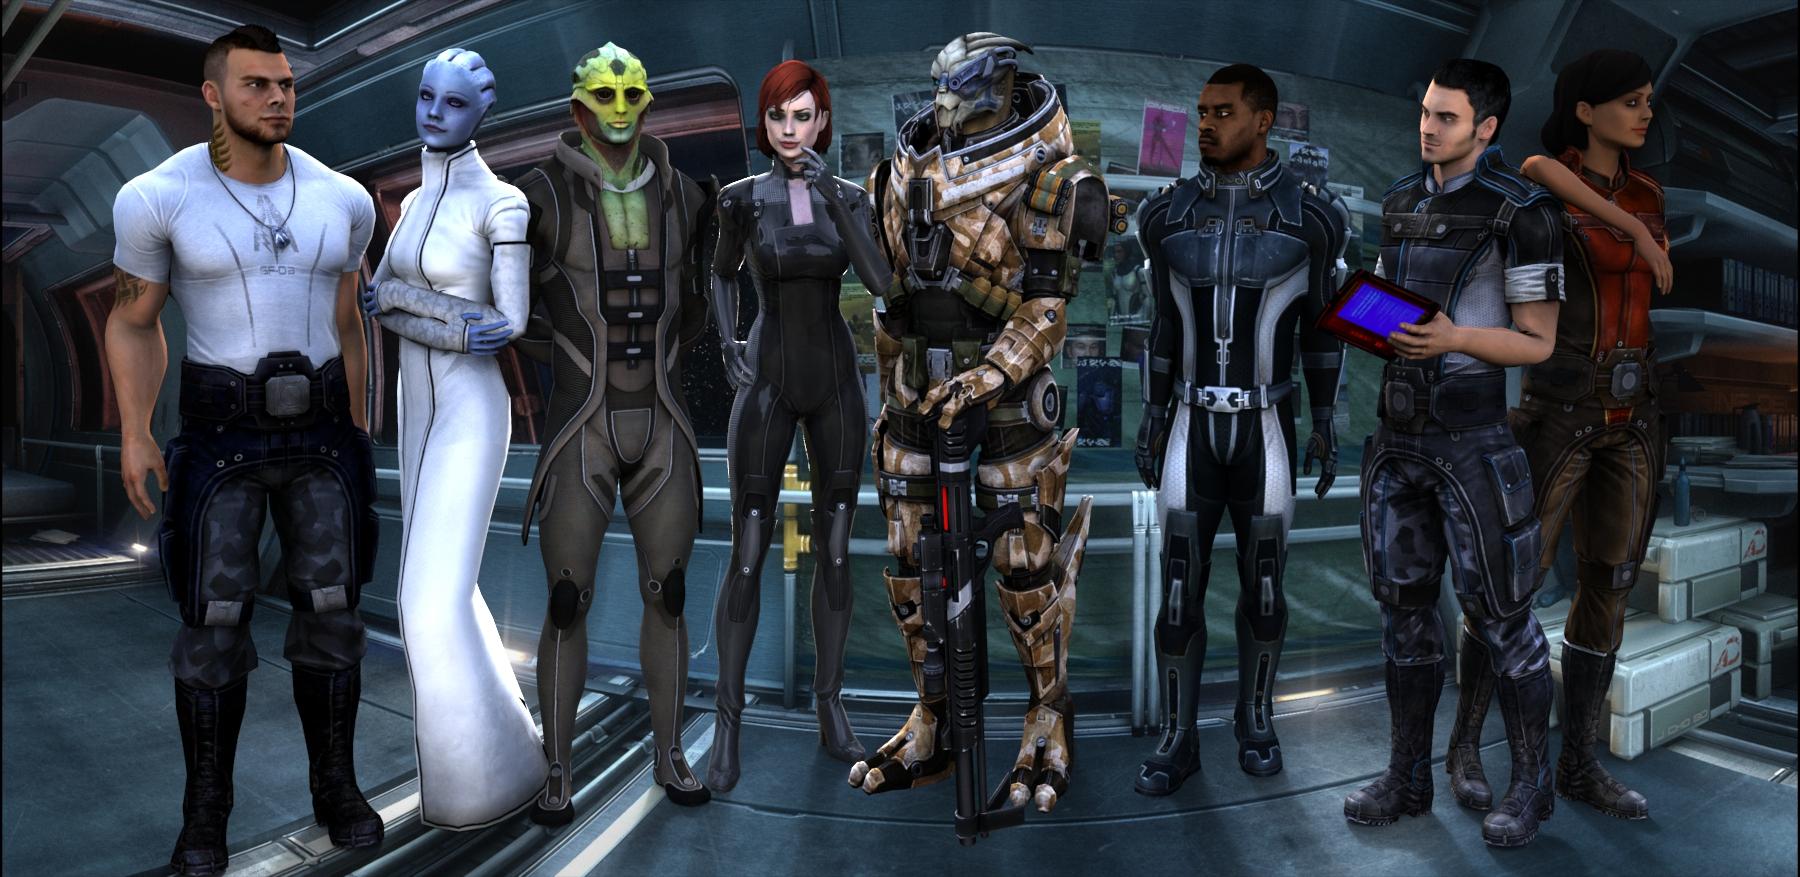 Романсабельные компаньоны для женщины Шепард - Mass Effect 3 mass effect 3 компаньоны